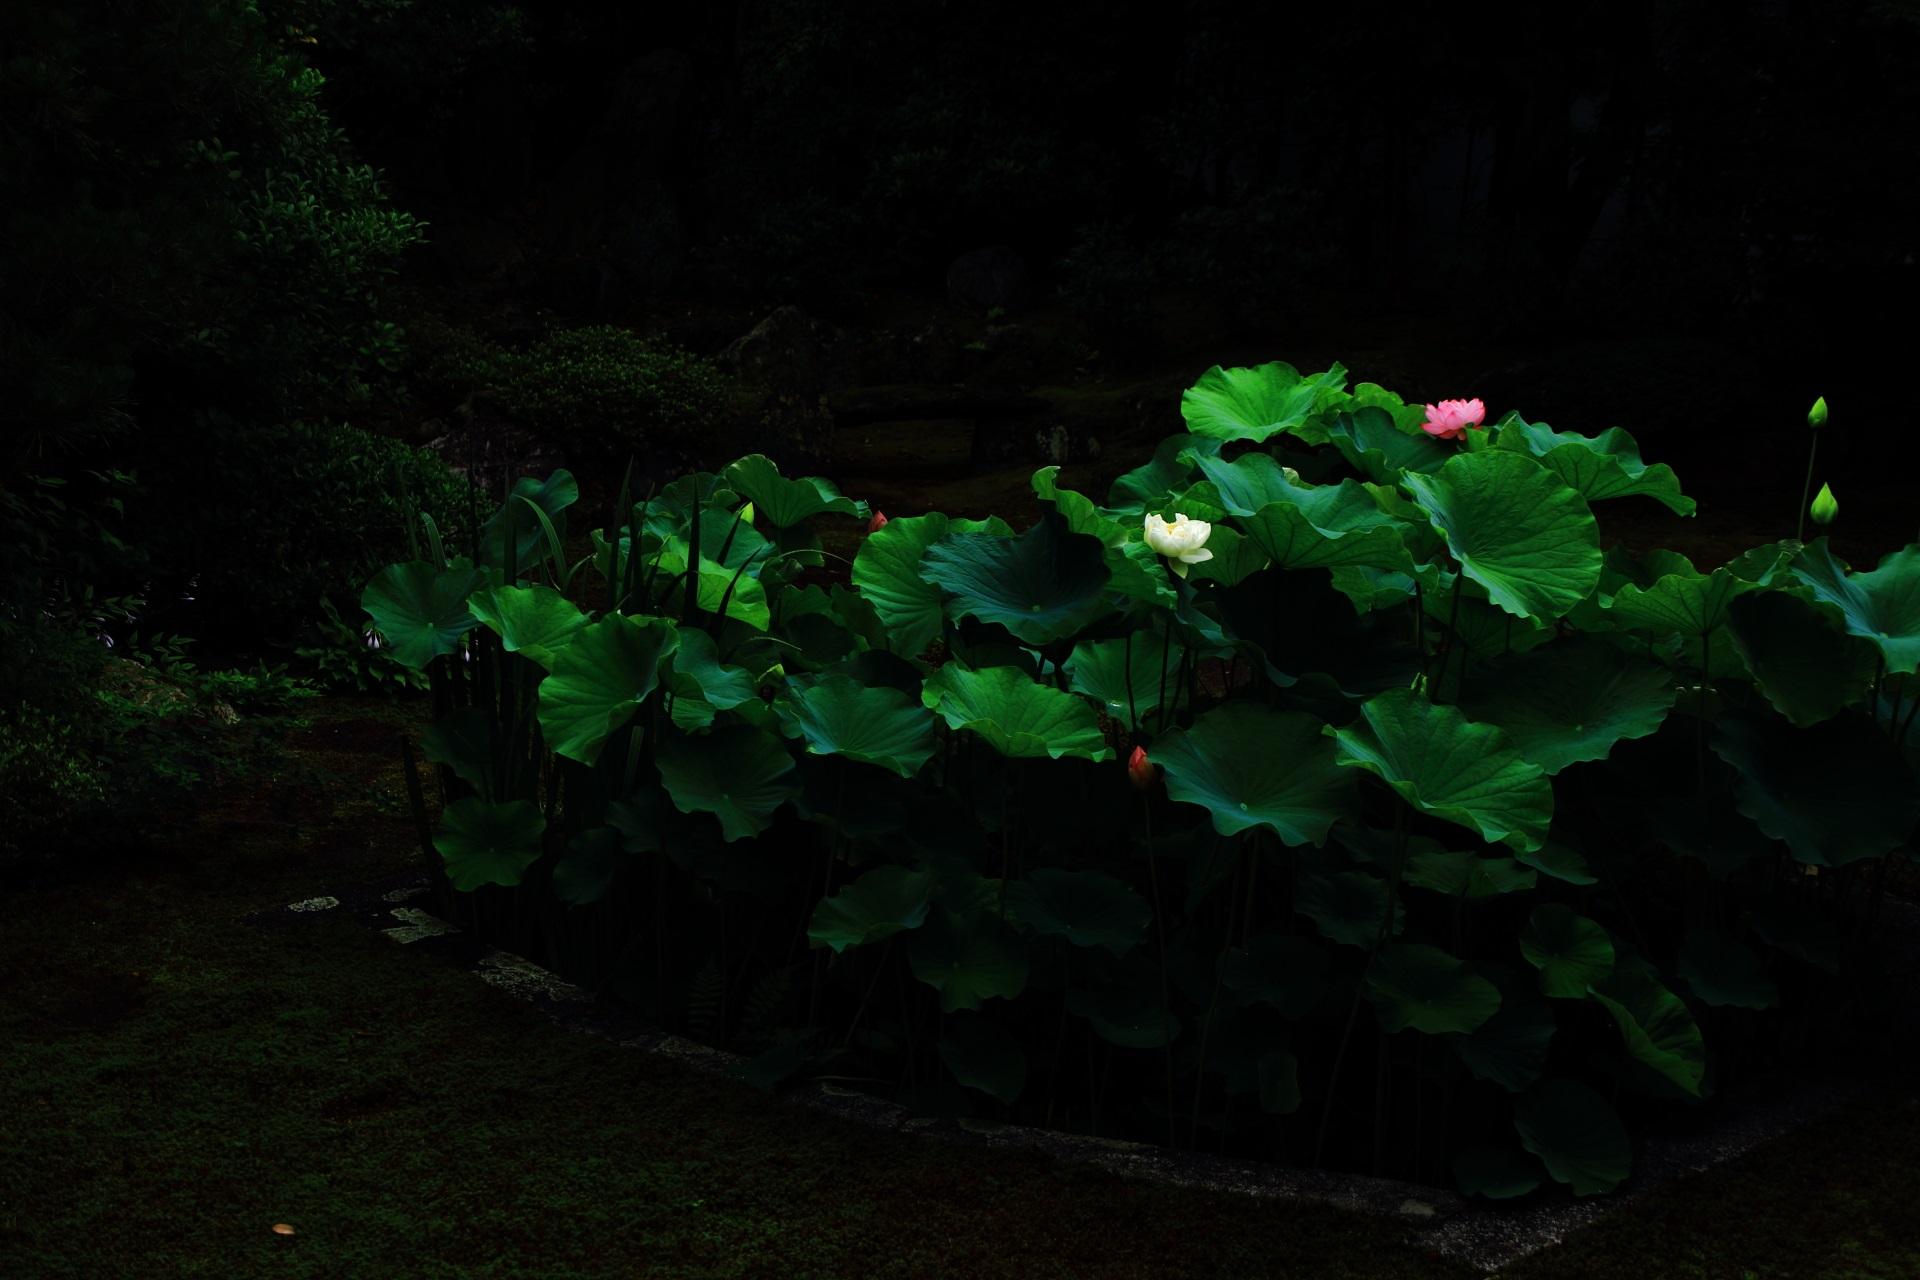 本法寺の巴の庭のコントラスト強めの暗闇の中で光る蓮の花